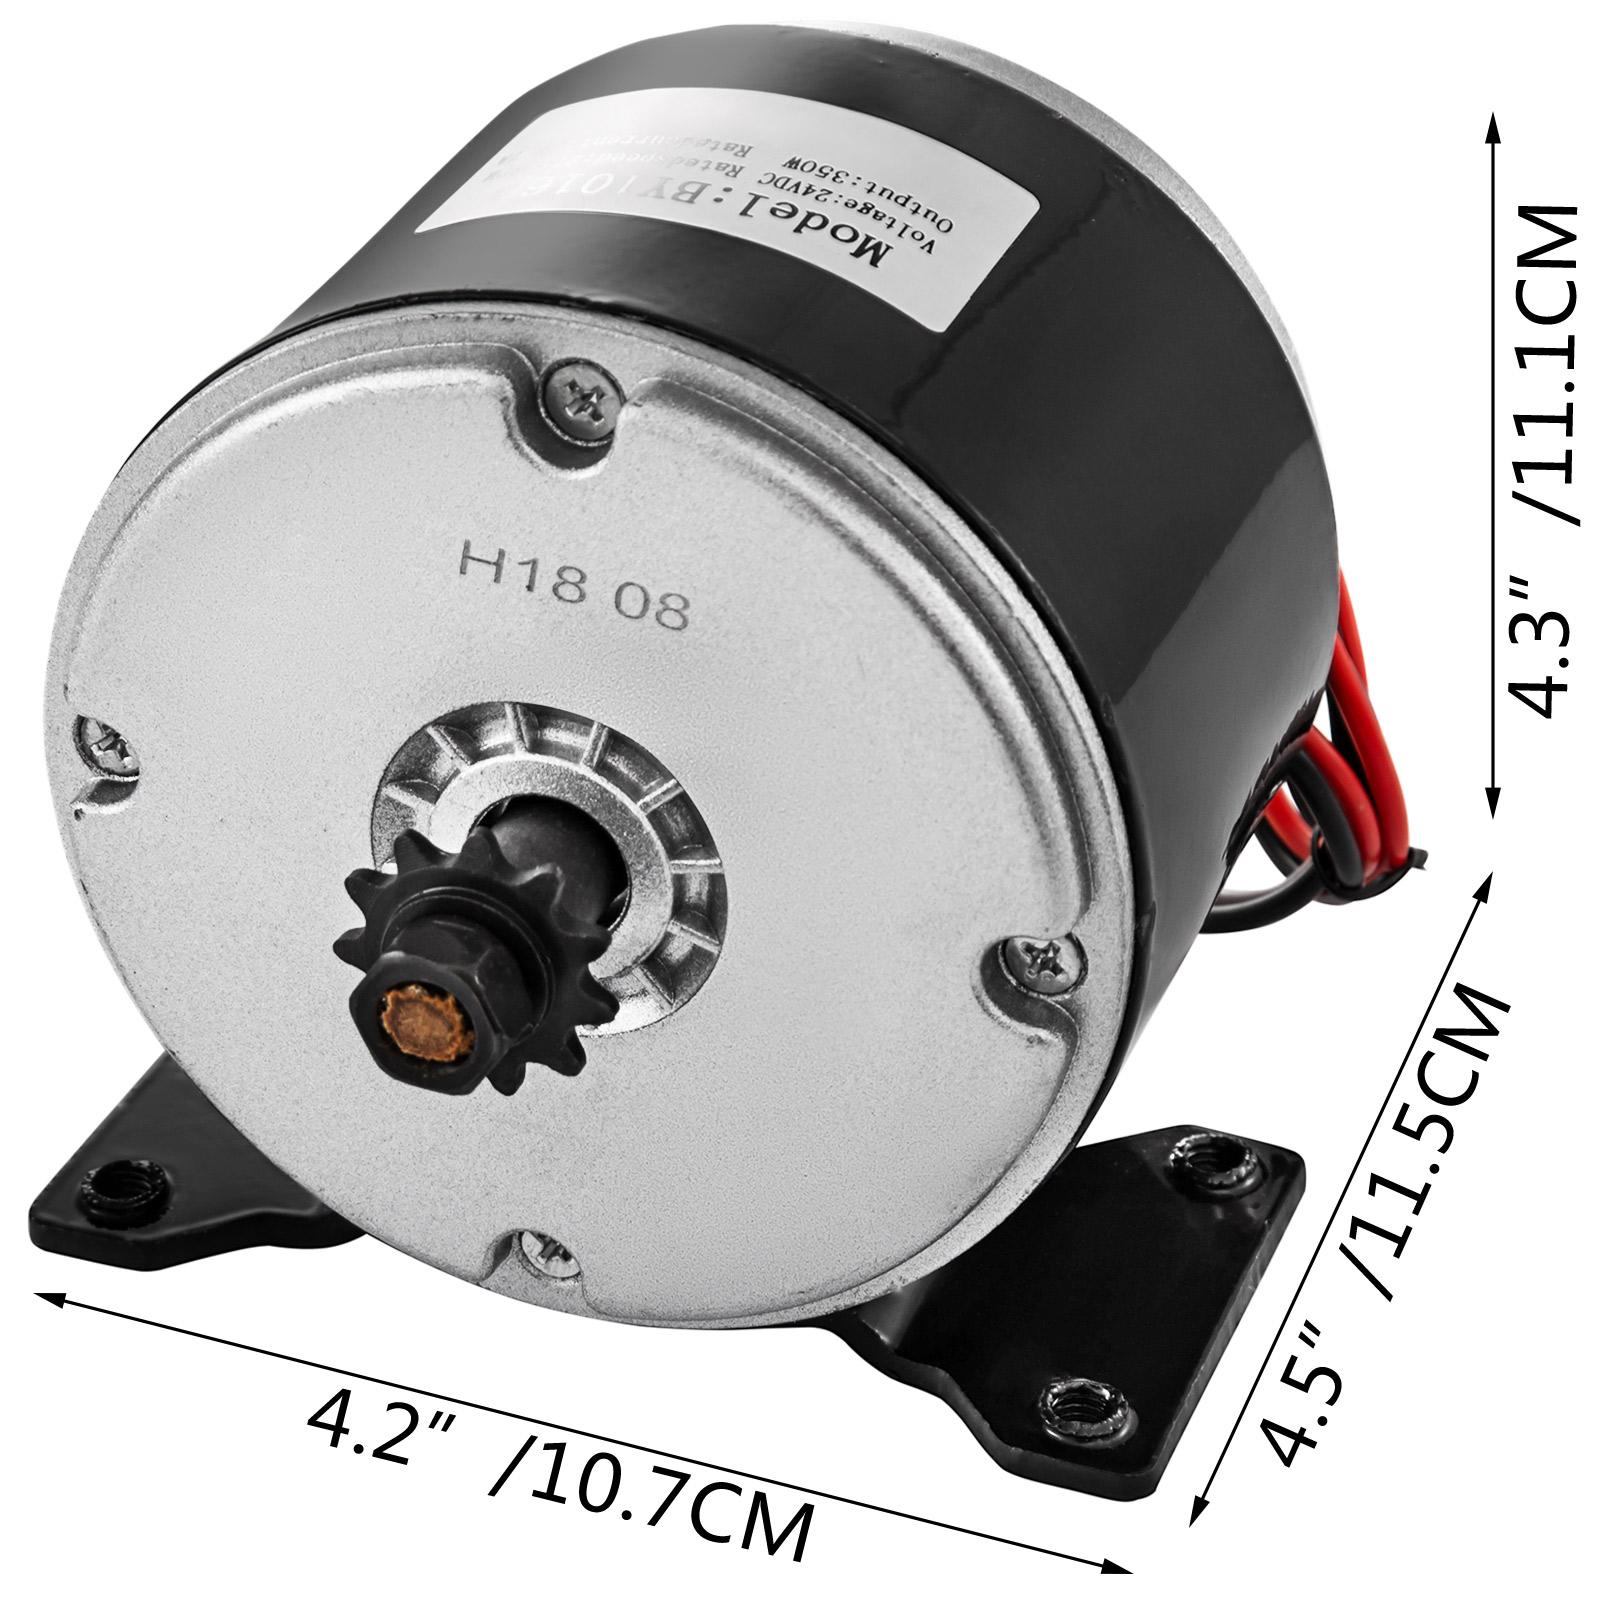 Electric-Motor-E-bike-Motor-controller-kit-DC-24v-12v-Minibike-E-Scooter-ATV thumbnail 32